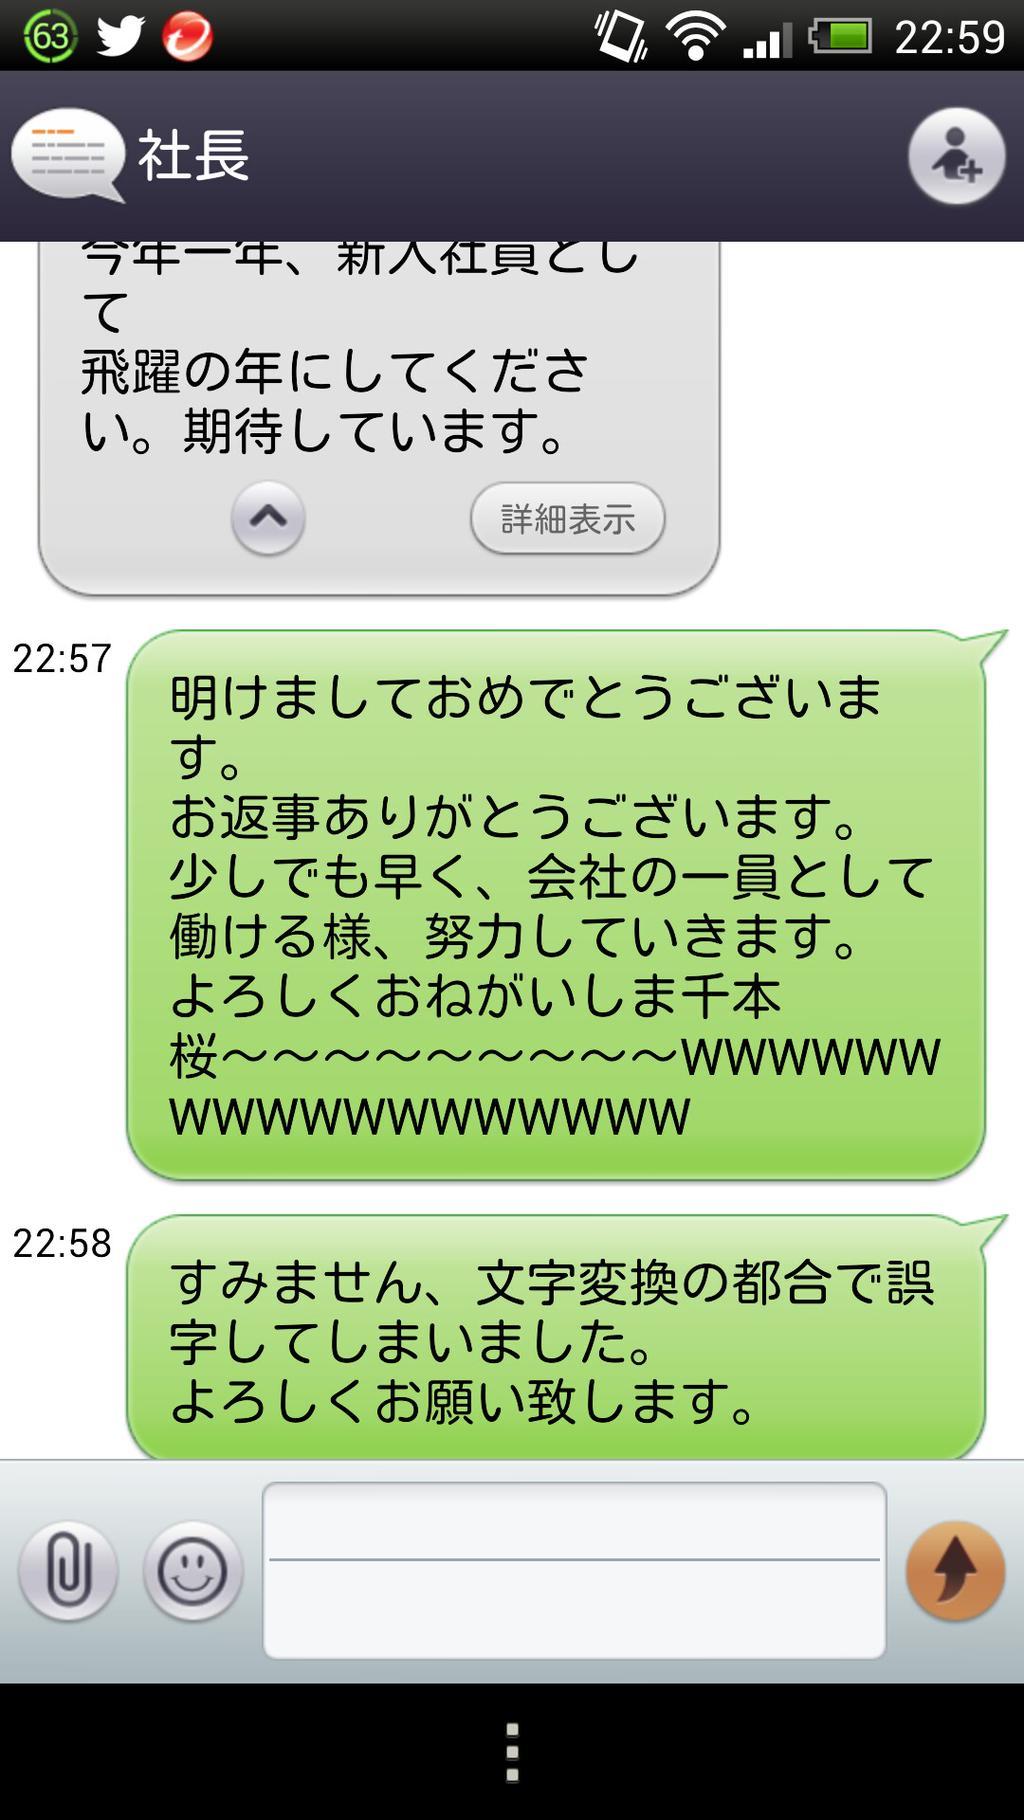 千本桜 社長に明けましておめでとうlineを送る時に痛恨の誤送信 笑